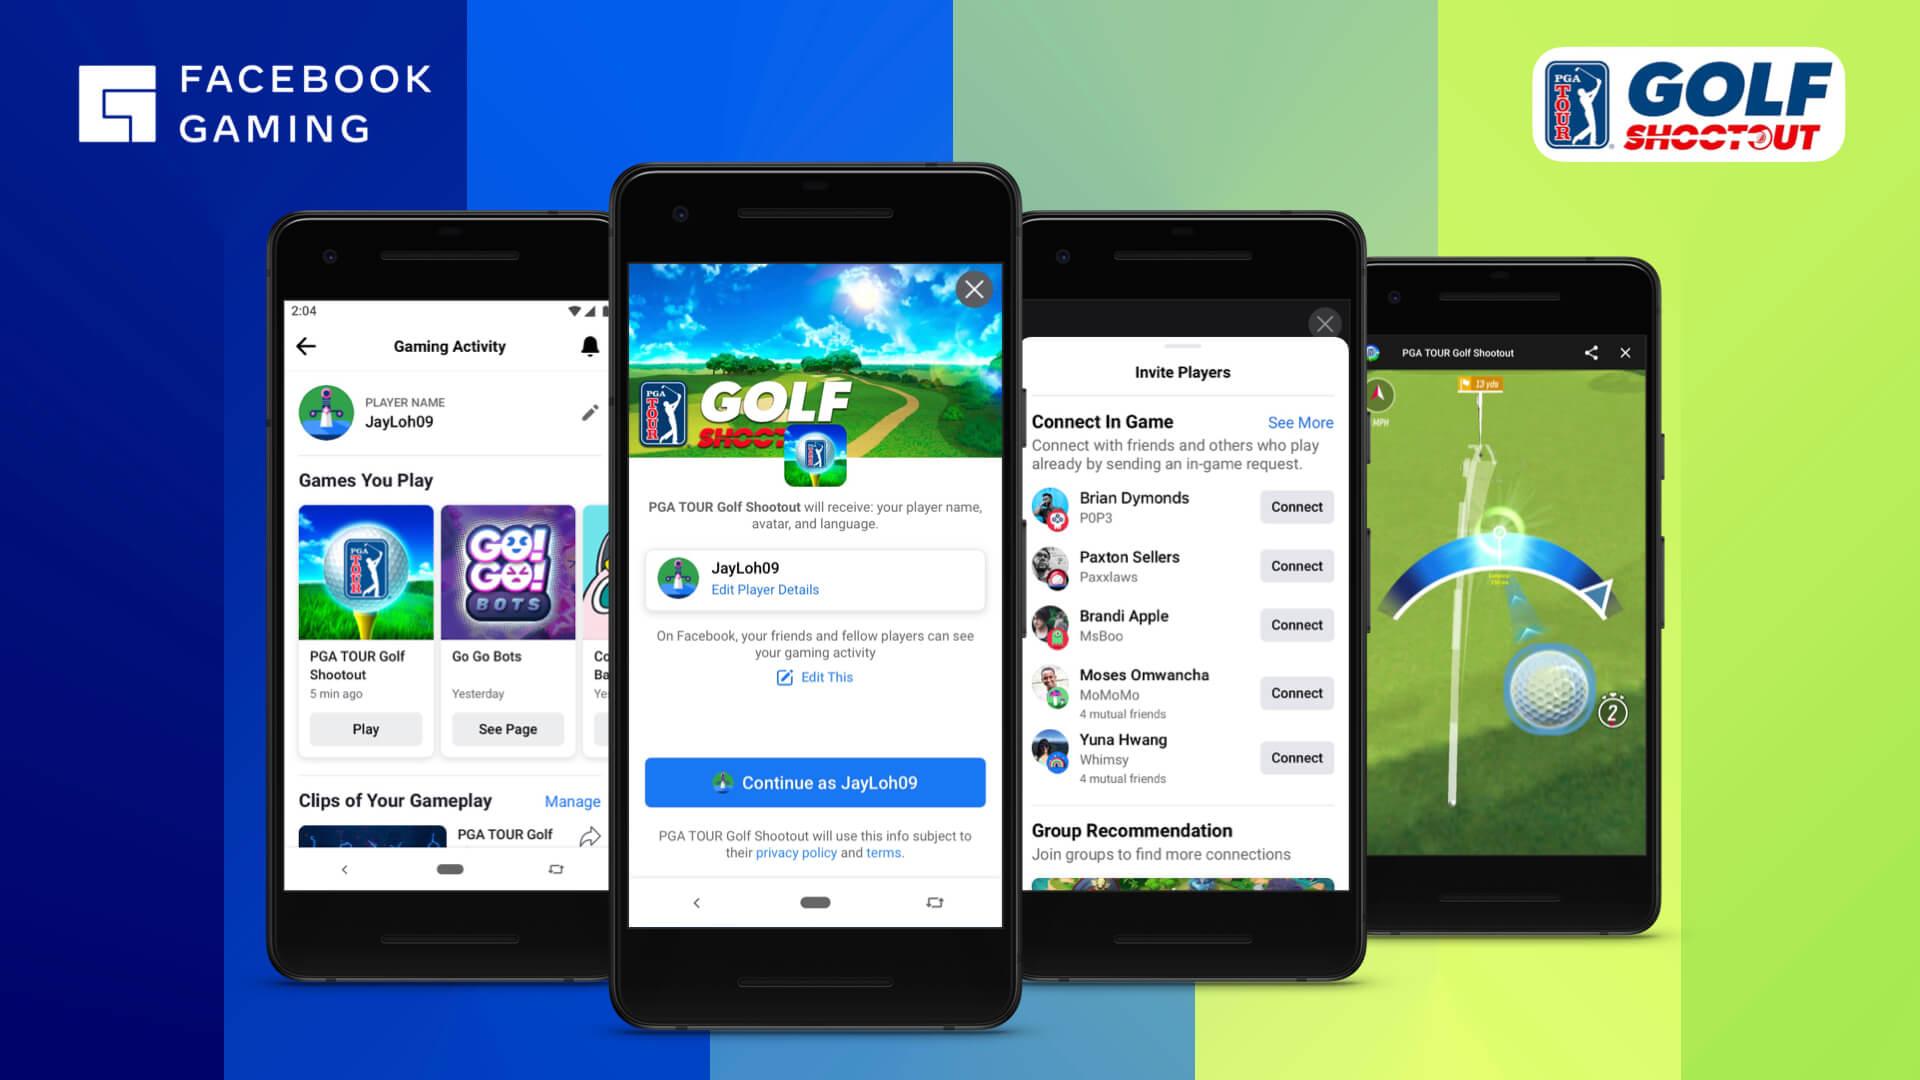 Facebook 在 Android 平台推出云游戏功能